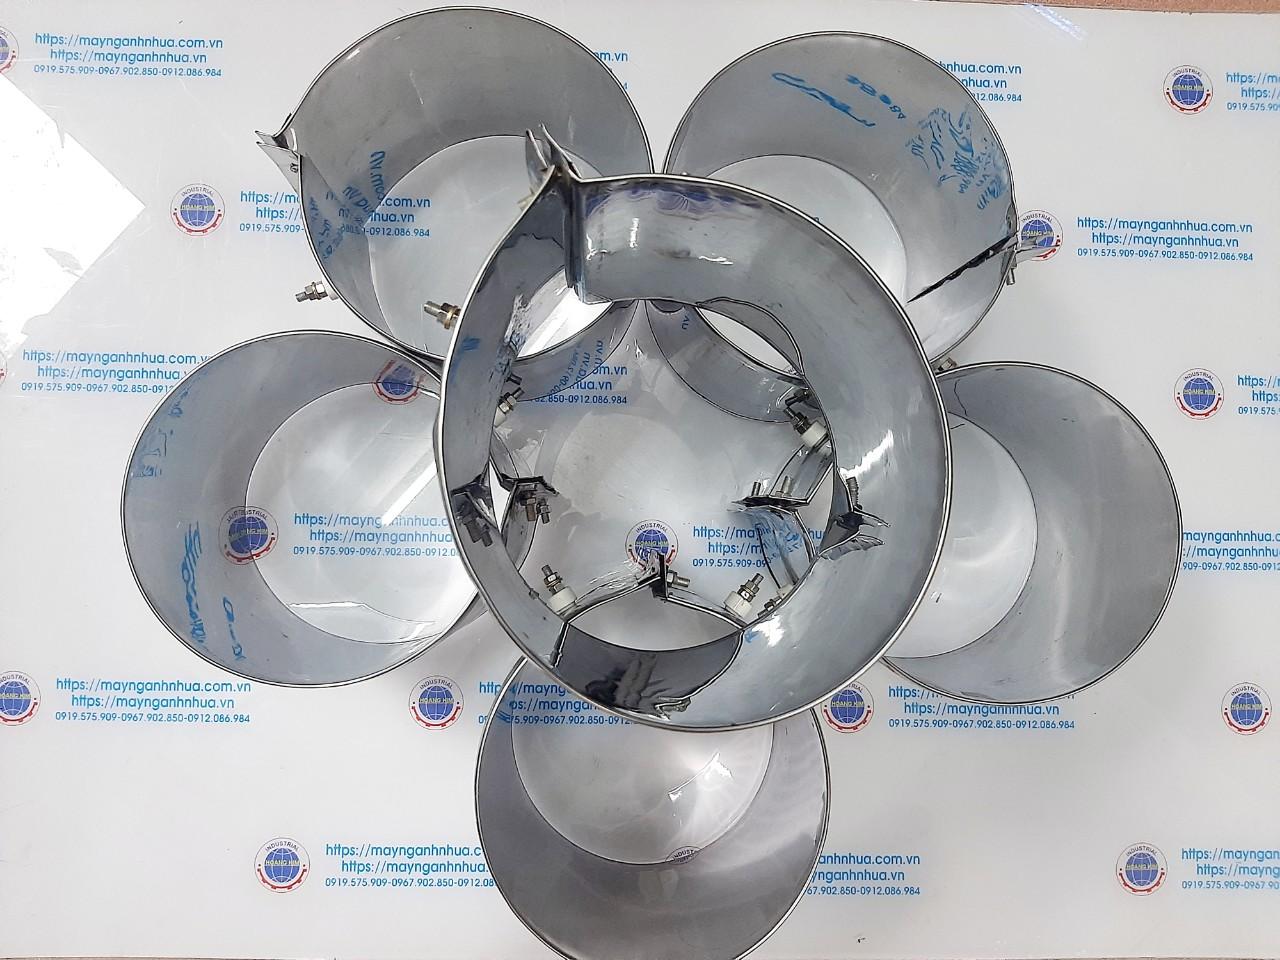 Vòng nhiệt inox phi 165x150/ 380v